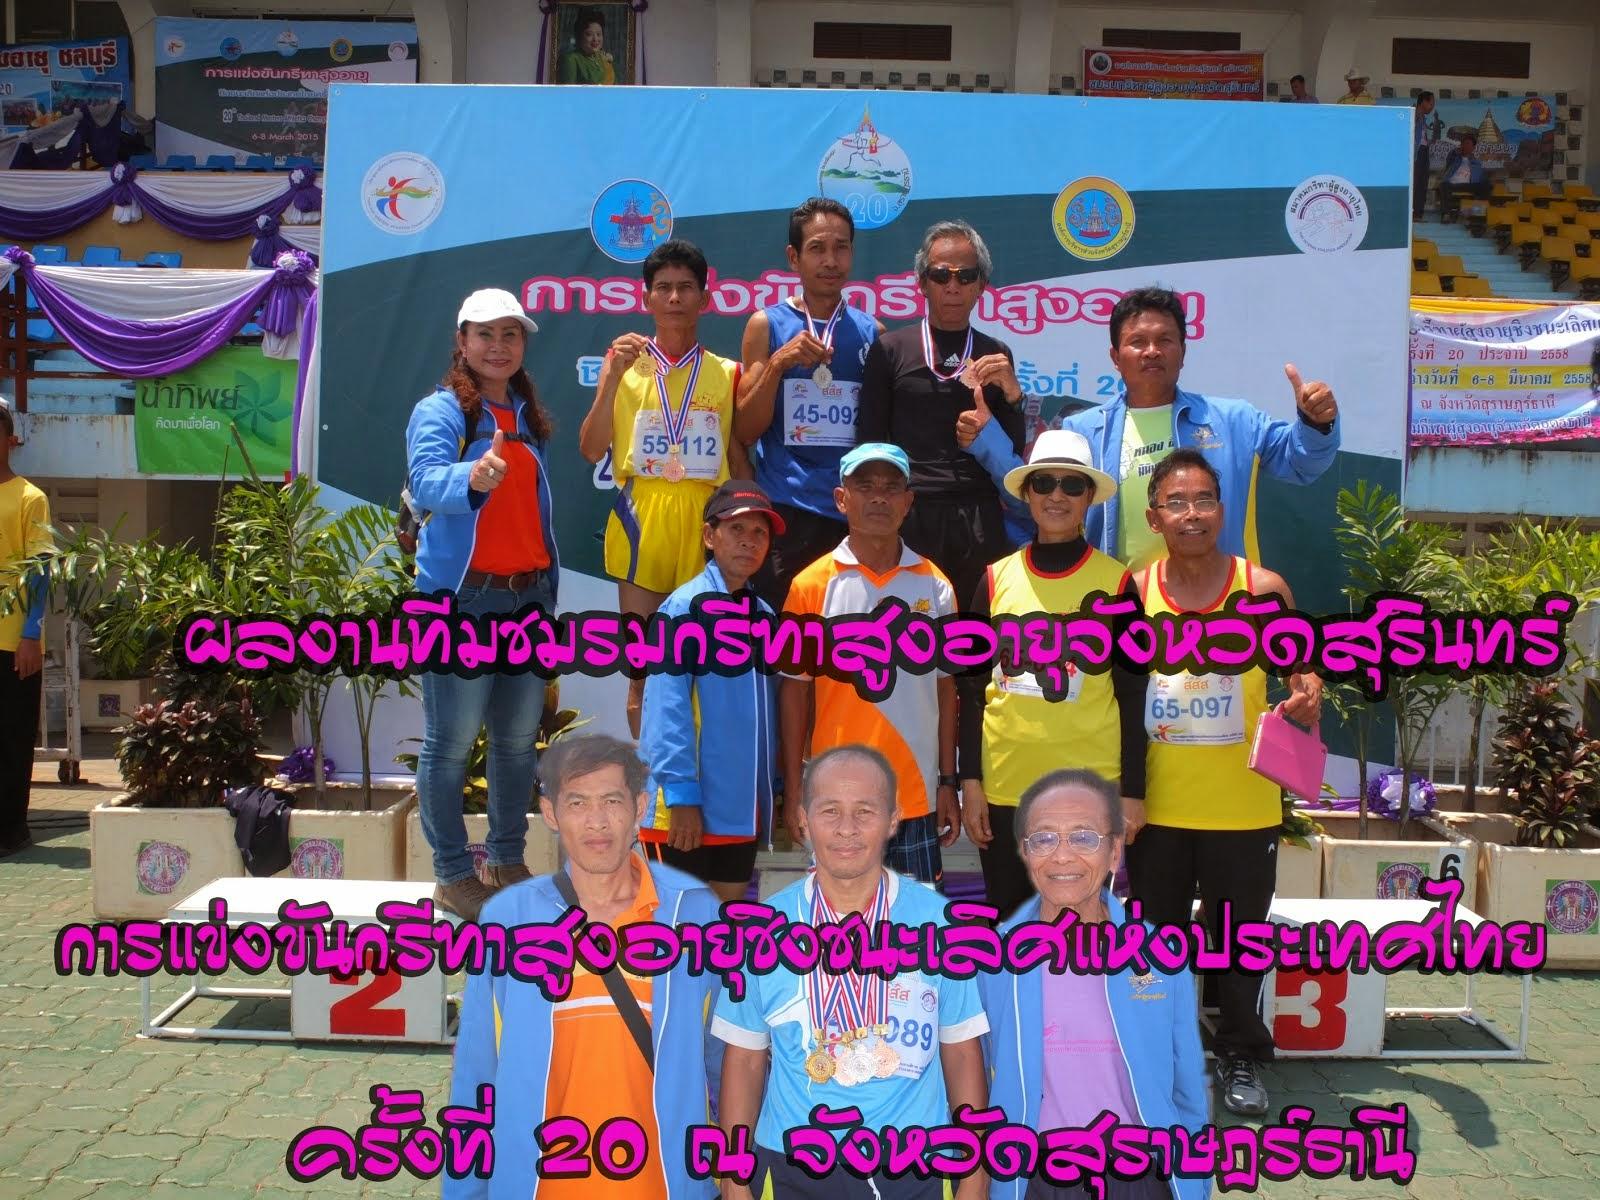 ผลงานชมรมกรีฑาสูงอายุจังหวัดสุรินทร์ การแข่งขันกรีฑาสูงอายุ ชิงชนะเลิศแห่งประเทศไทย สุราษฎร์ธานี